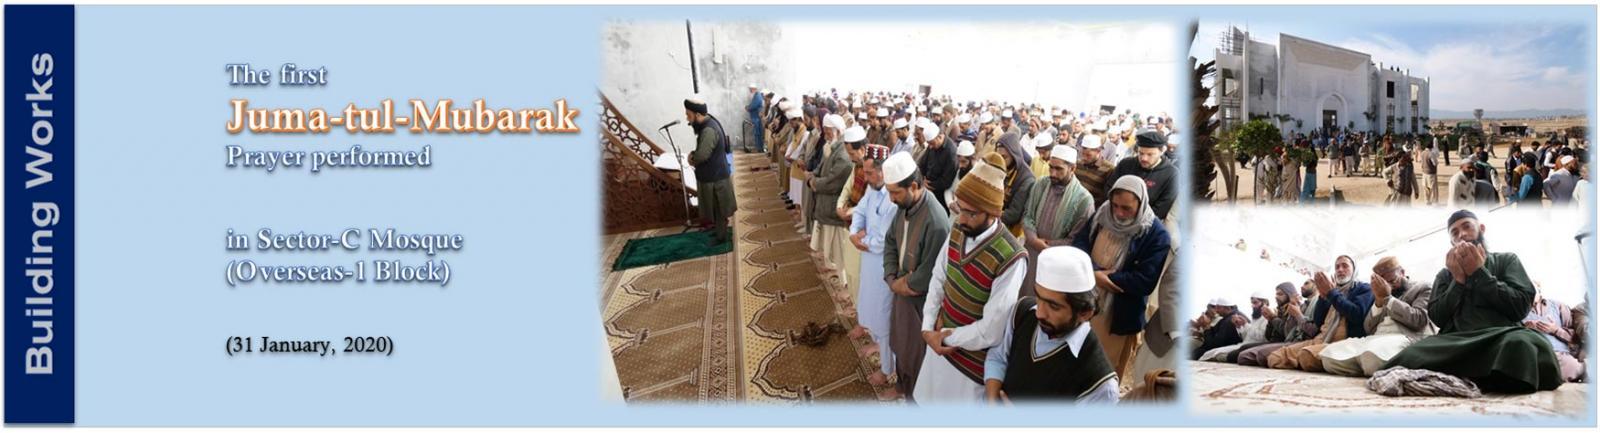 """First """"Juma-tul-Mubarak"""" Prayer performed in Capital Smart City"""